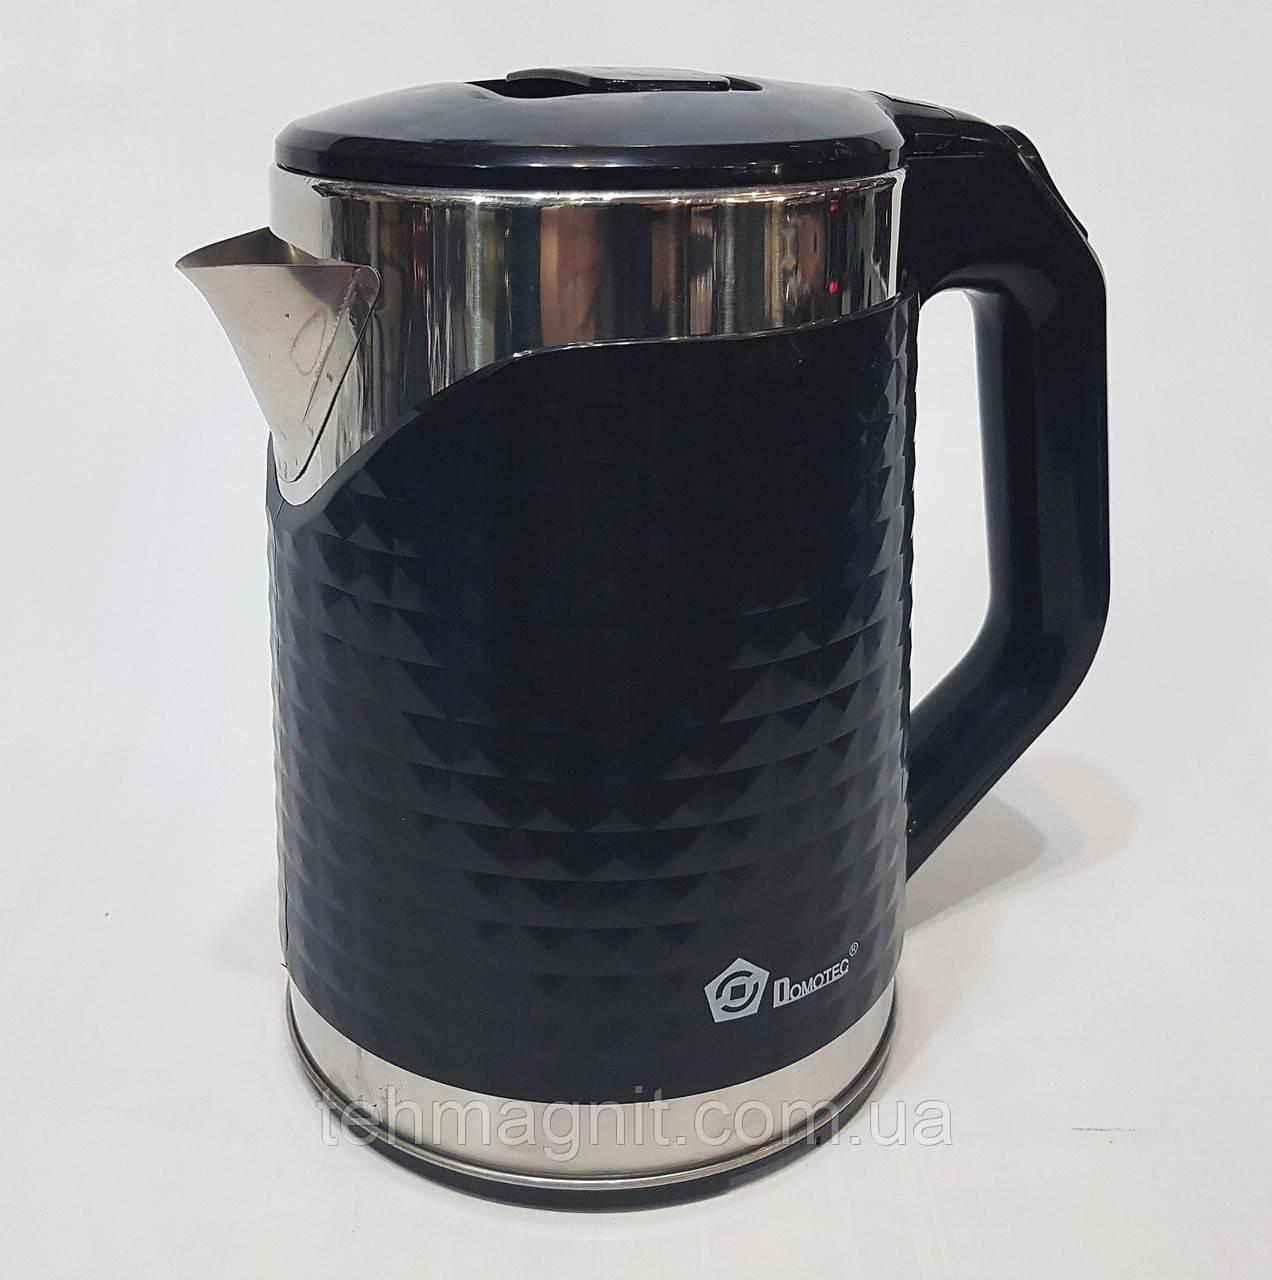 Чайник электрический дисковый Domotec MS-5027  2000w, 2.2 л